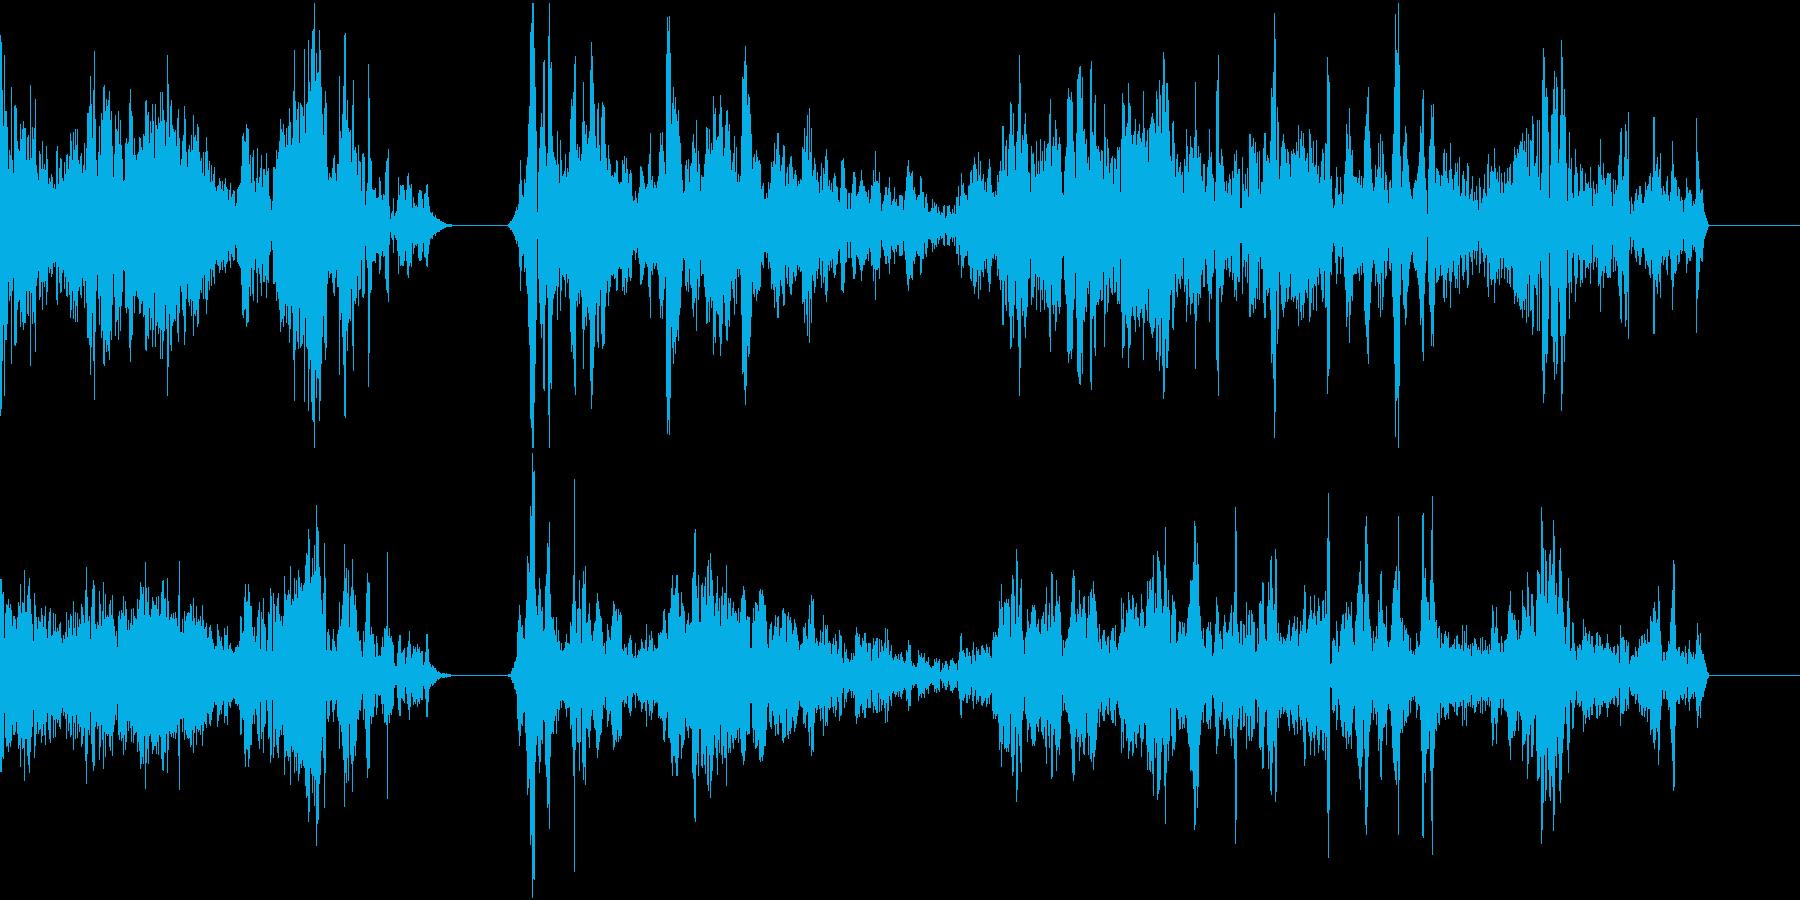 TVFX POPなザッピング音 1の再生済みの波形